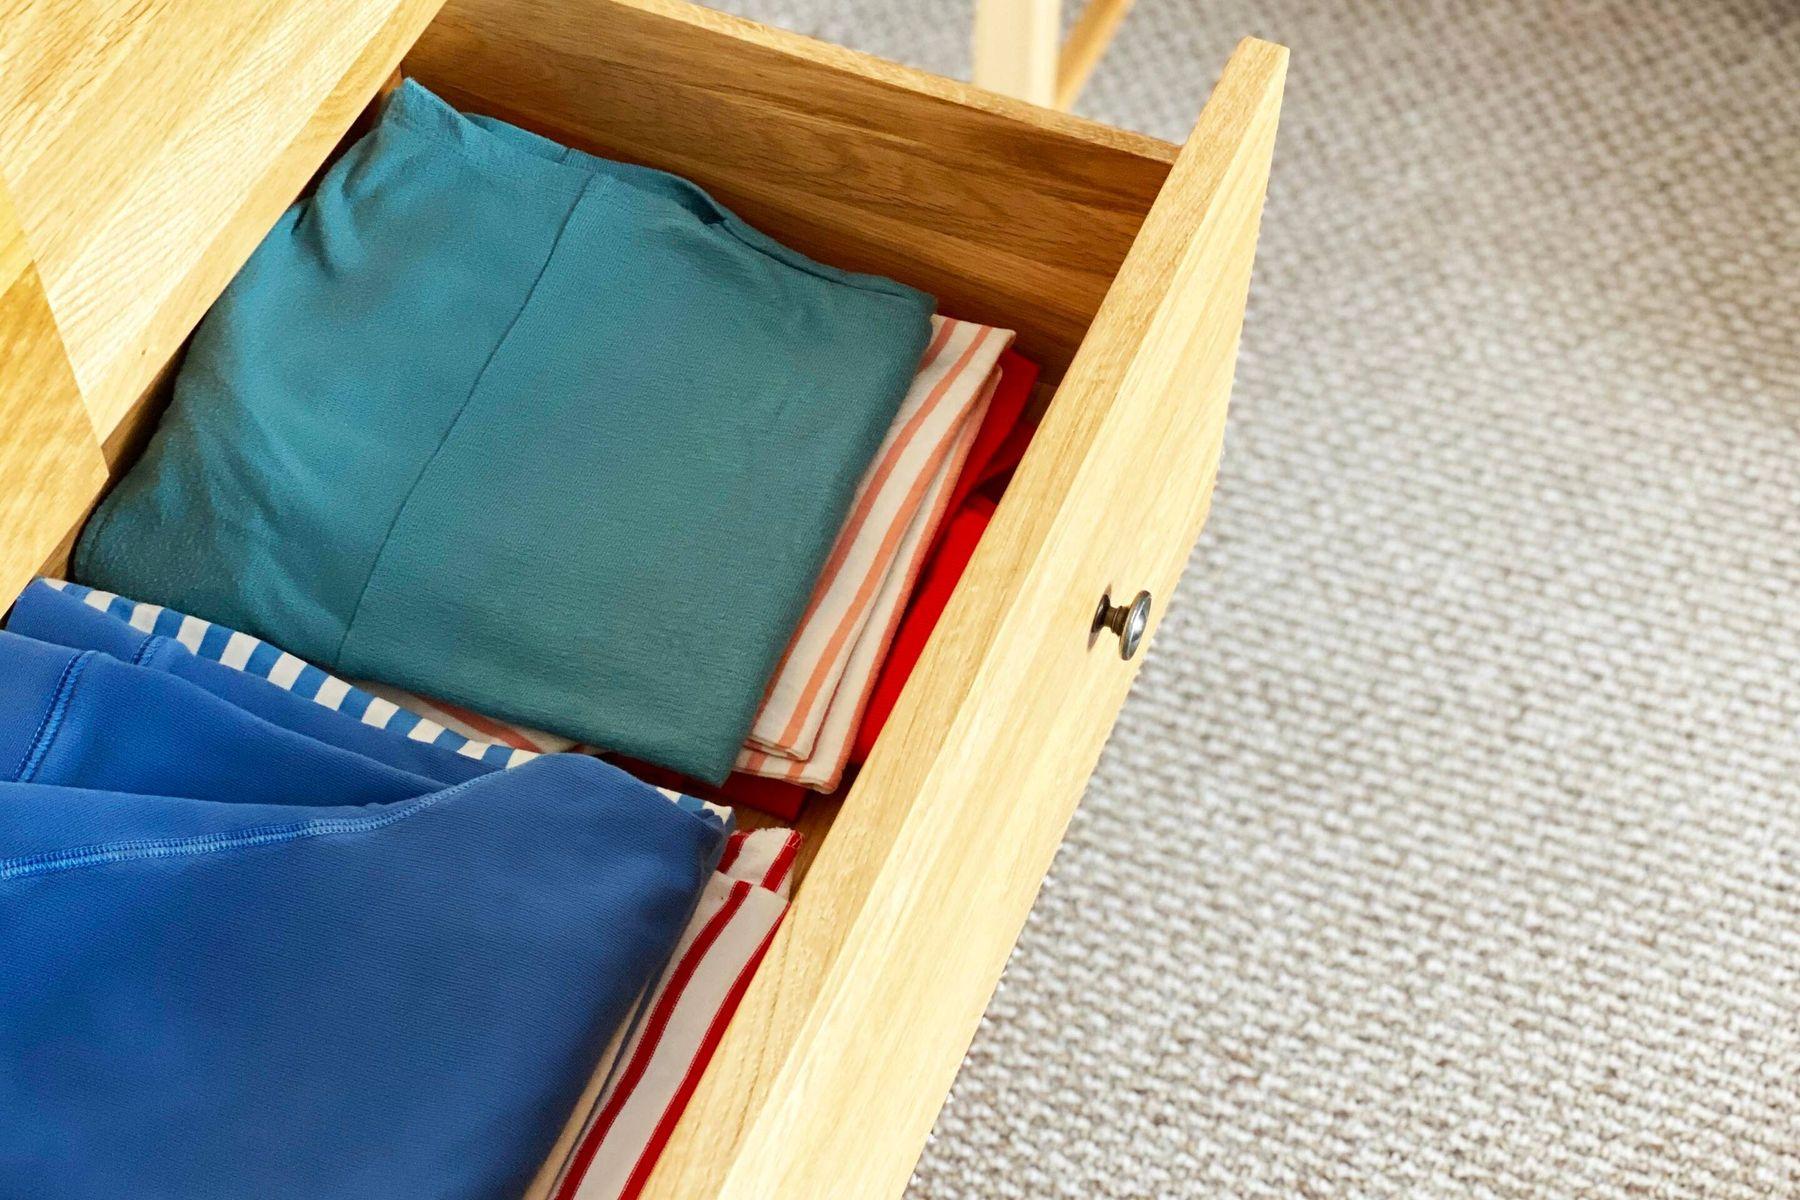 Gaveta aberta com um pilha de várias blusas de cores diferentes dentro dela